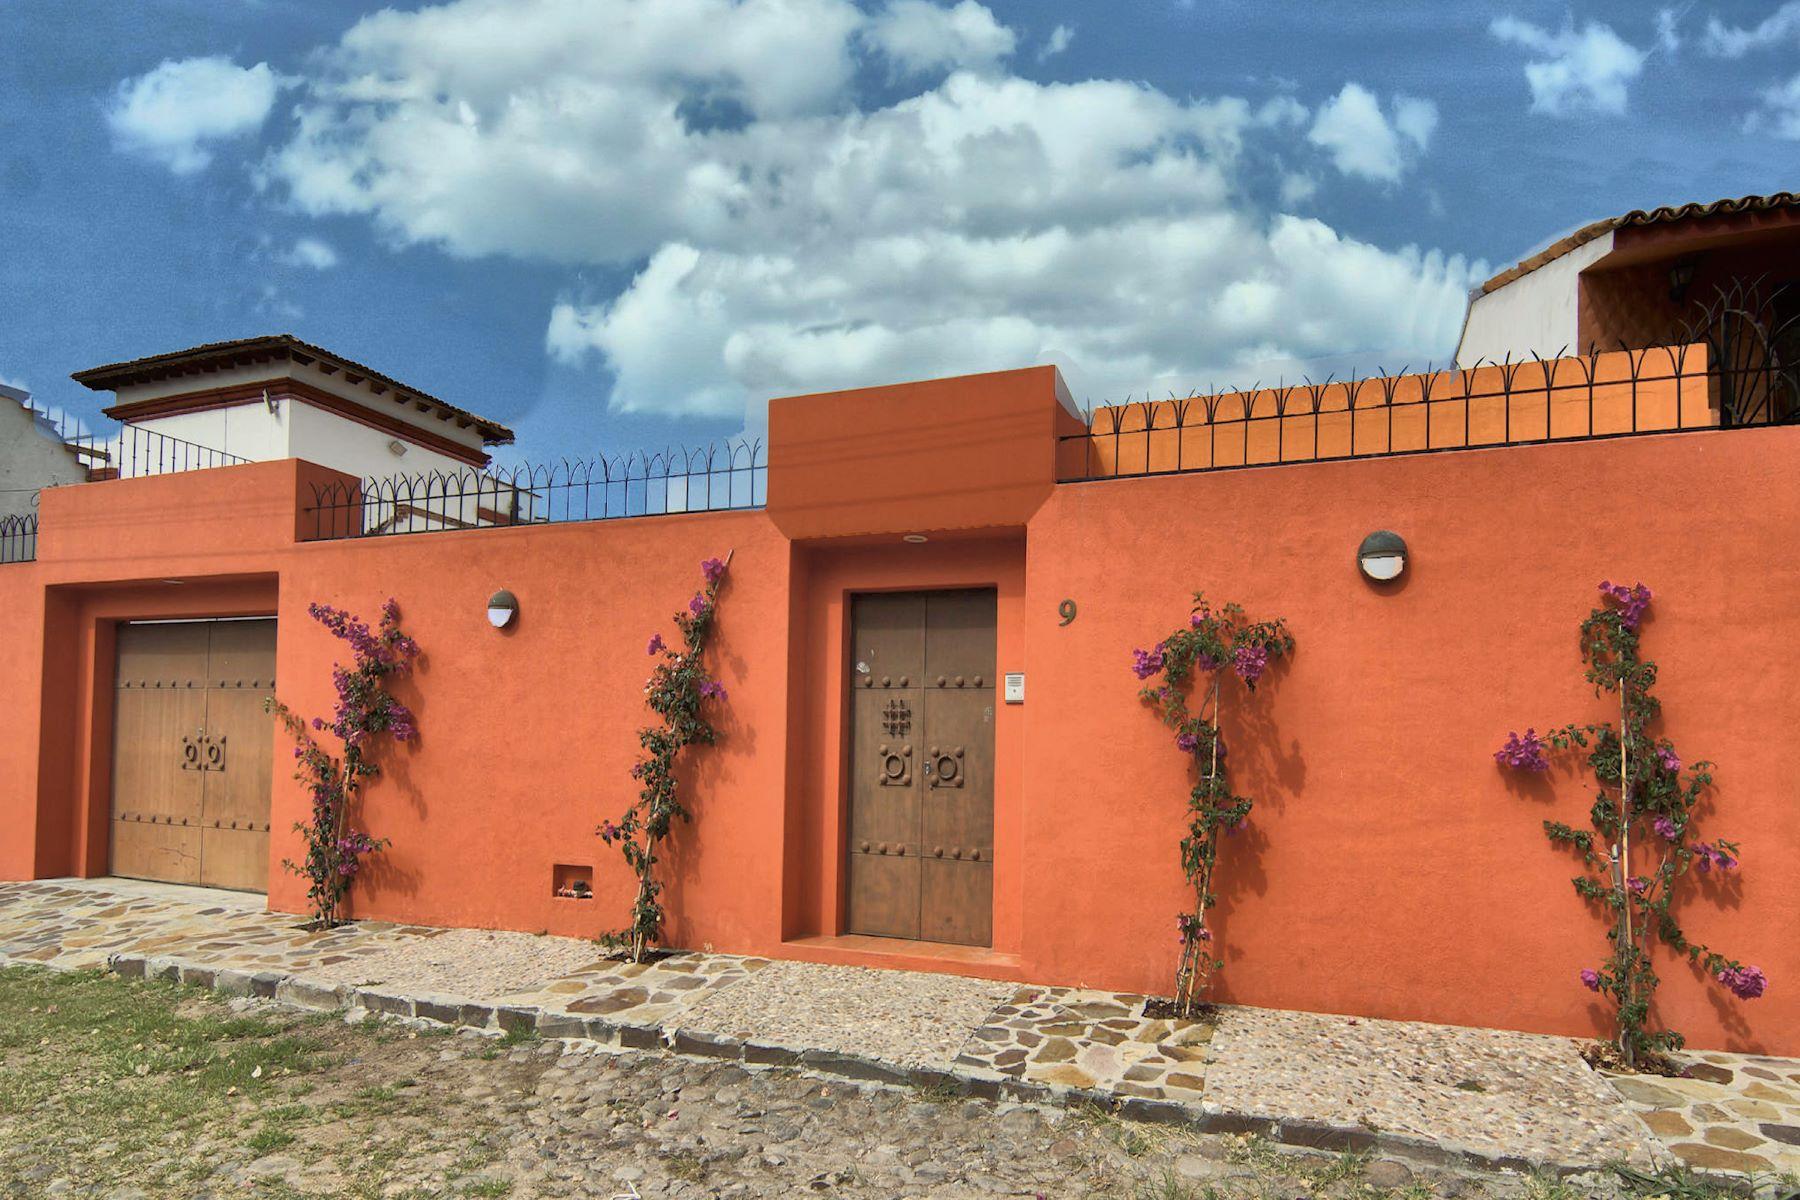 Single Family Home for Sale at Casa Tabaqueros Los Frailes, San Miguel De Allende, Guanajuato Mexico